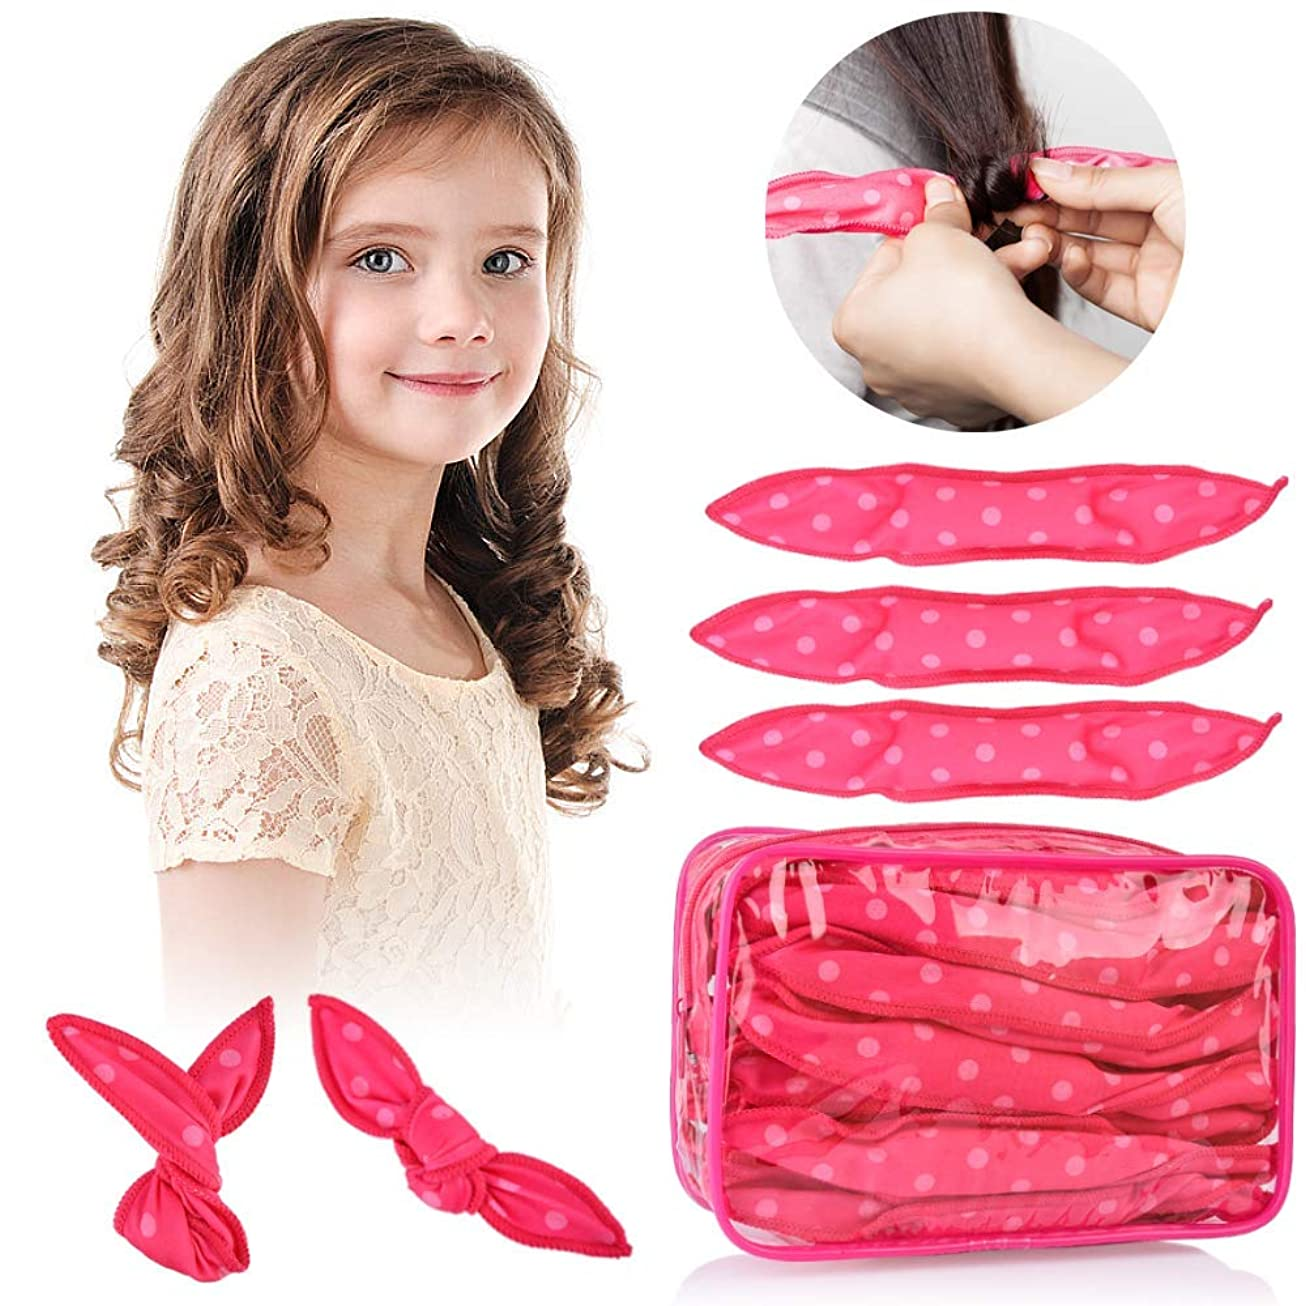 HailiCare ヘアカーラー スポンジ ヘアカーラーマジック 手巻きカーラー 30枚 ヘアケアスタイリング 巻き髪 前髪 寝ながら ヘアスタイル 可愛い 髪に無害 ピンク (ピンク)